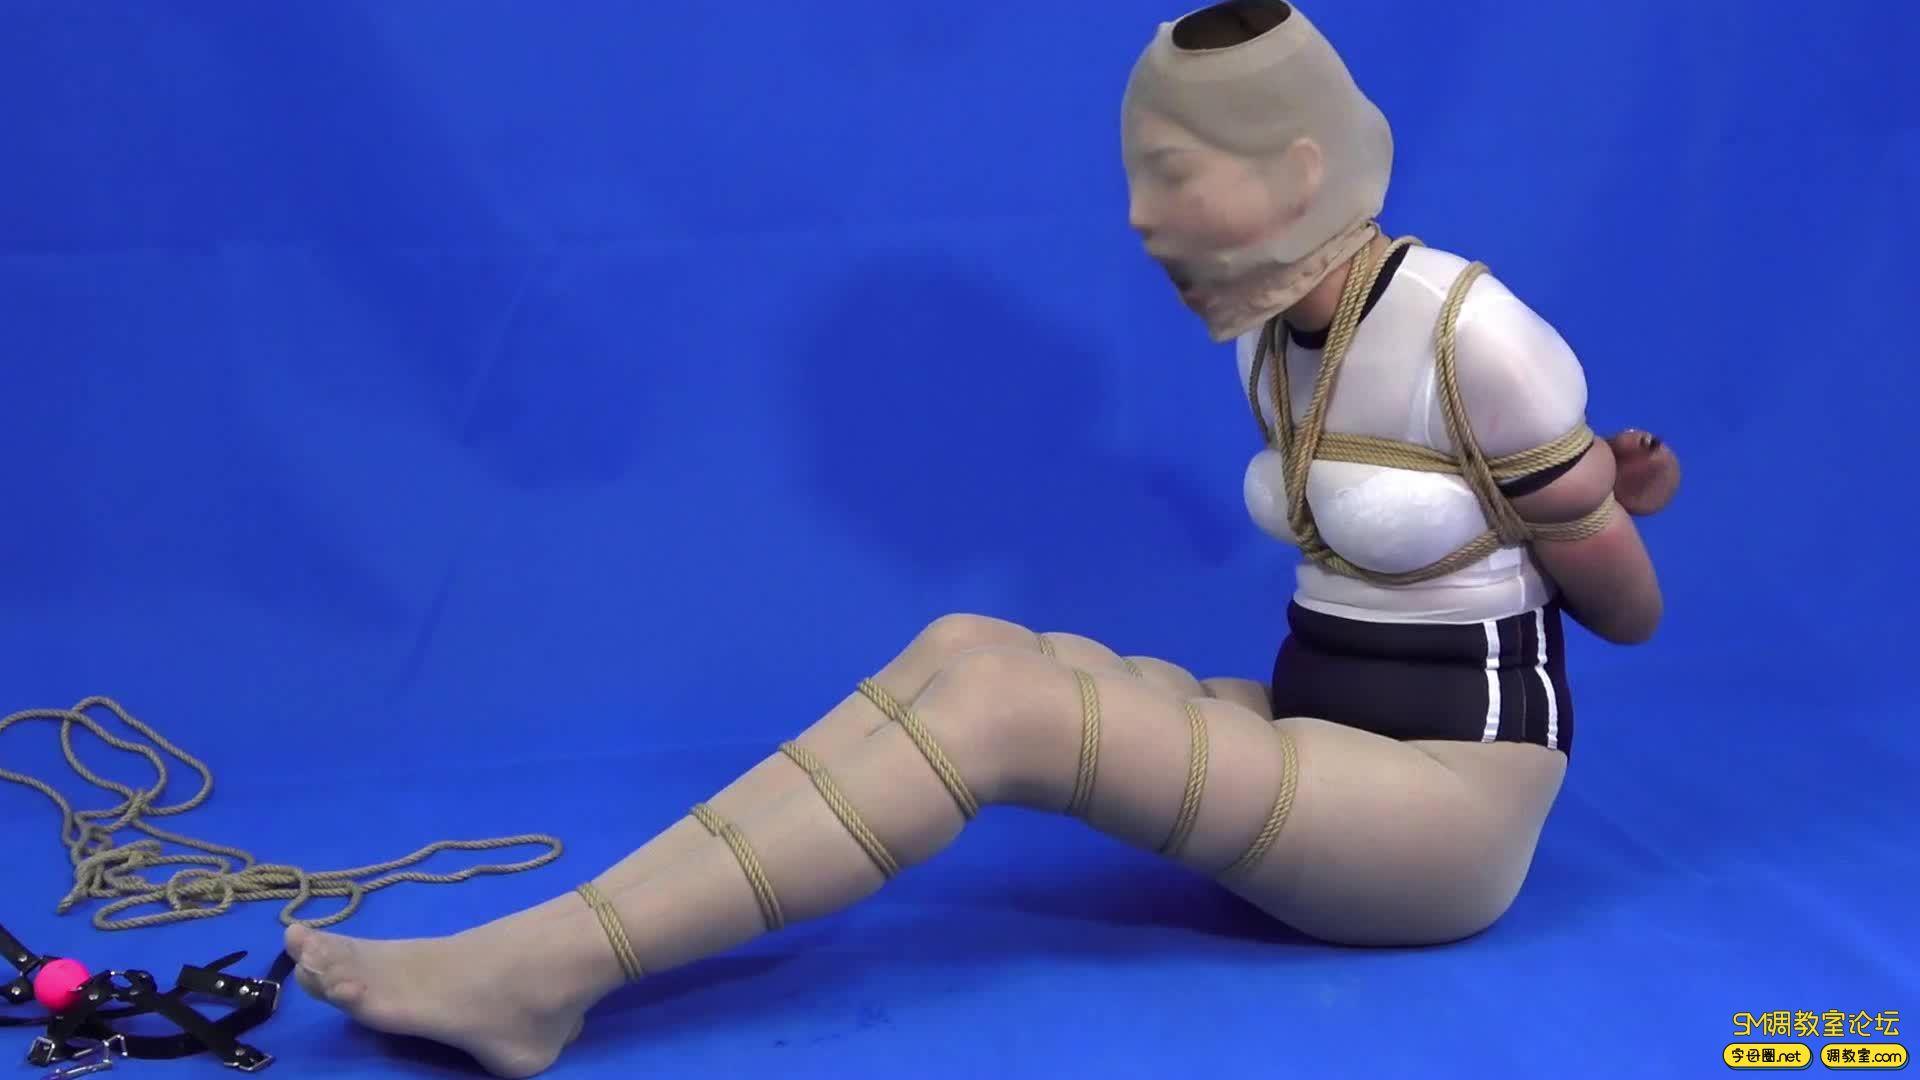 CLZ原创_灵粒丝袜套头大号口球并腿超级缚-视频截图8